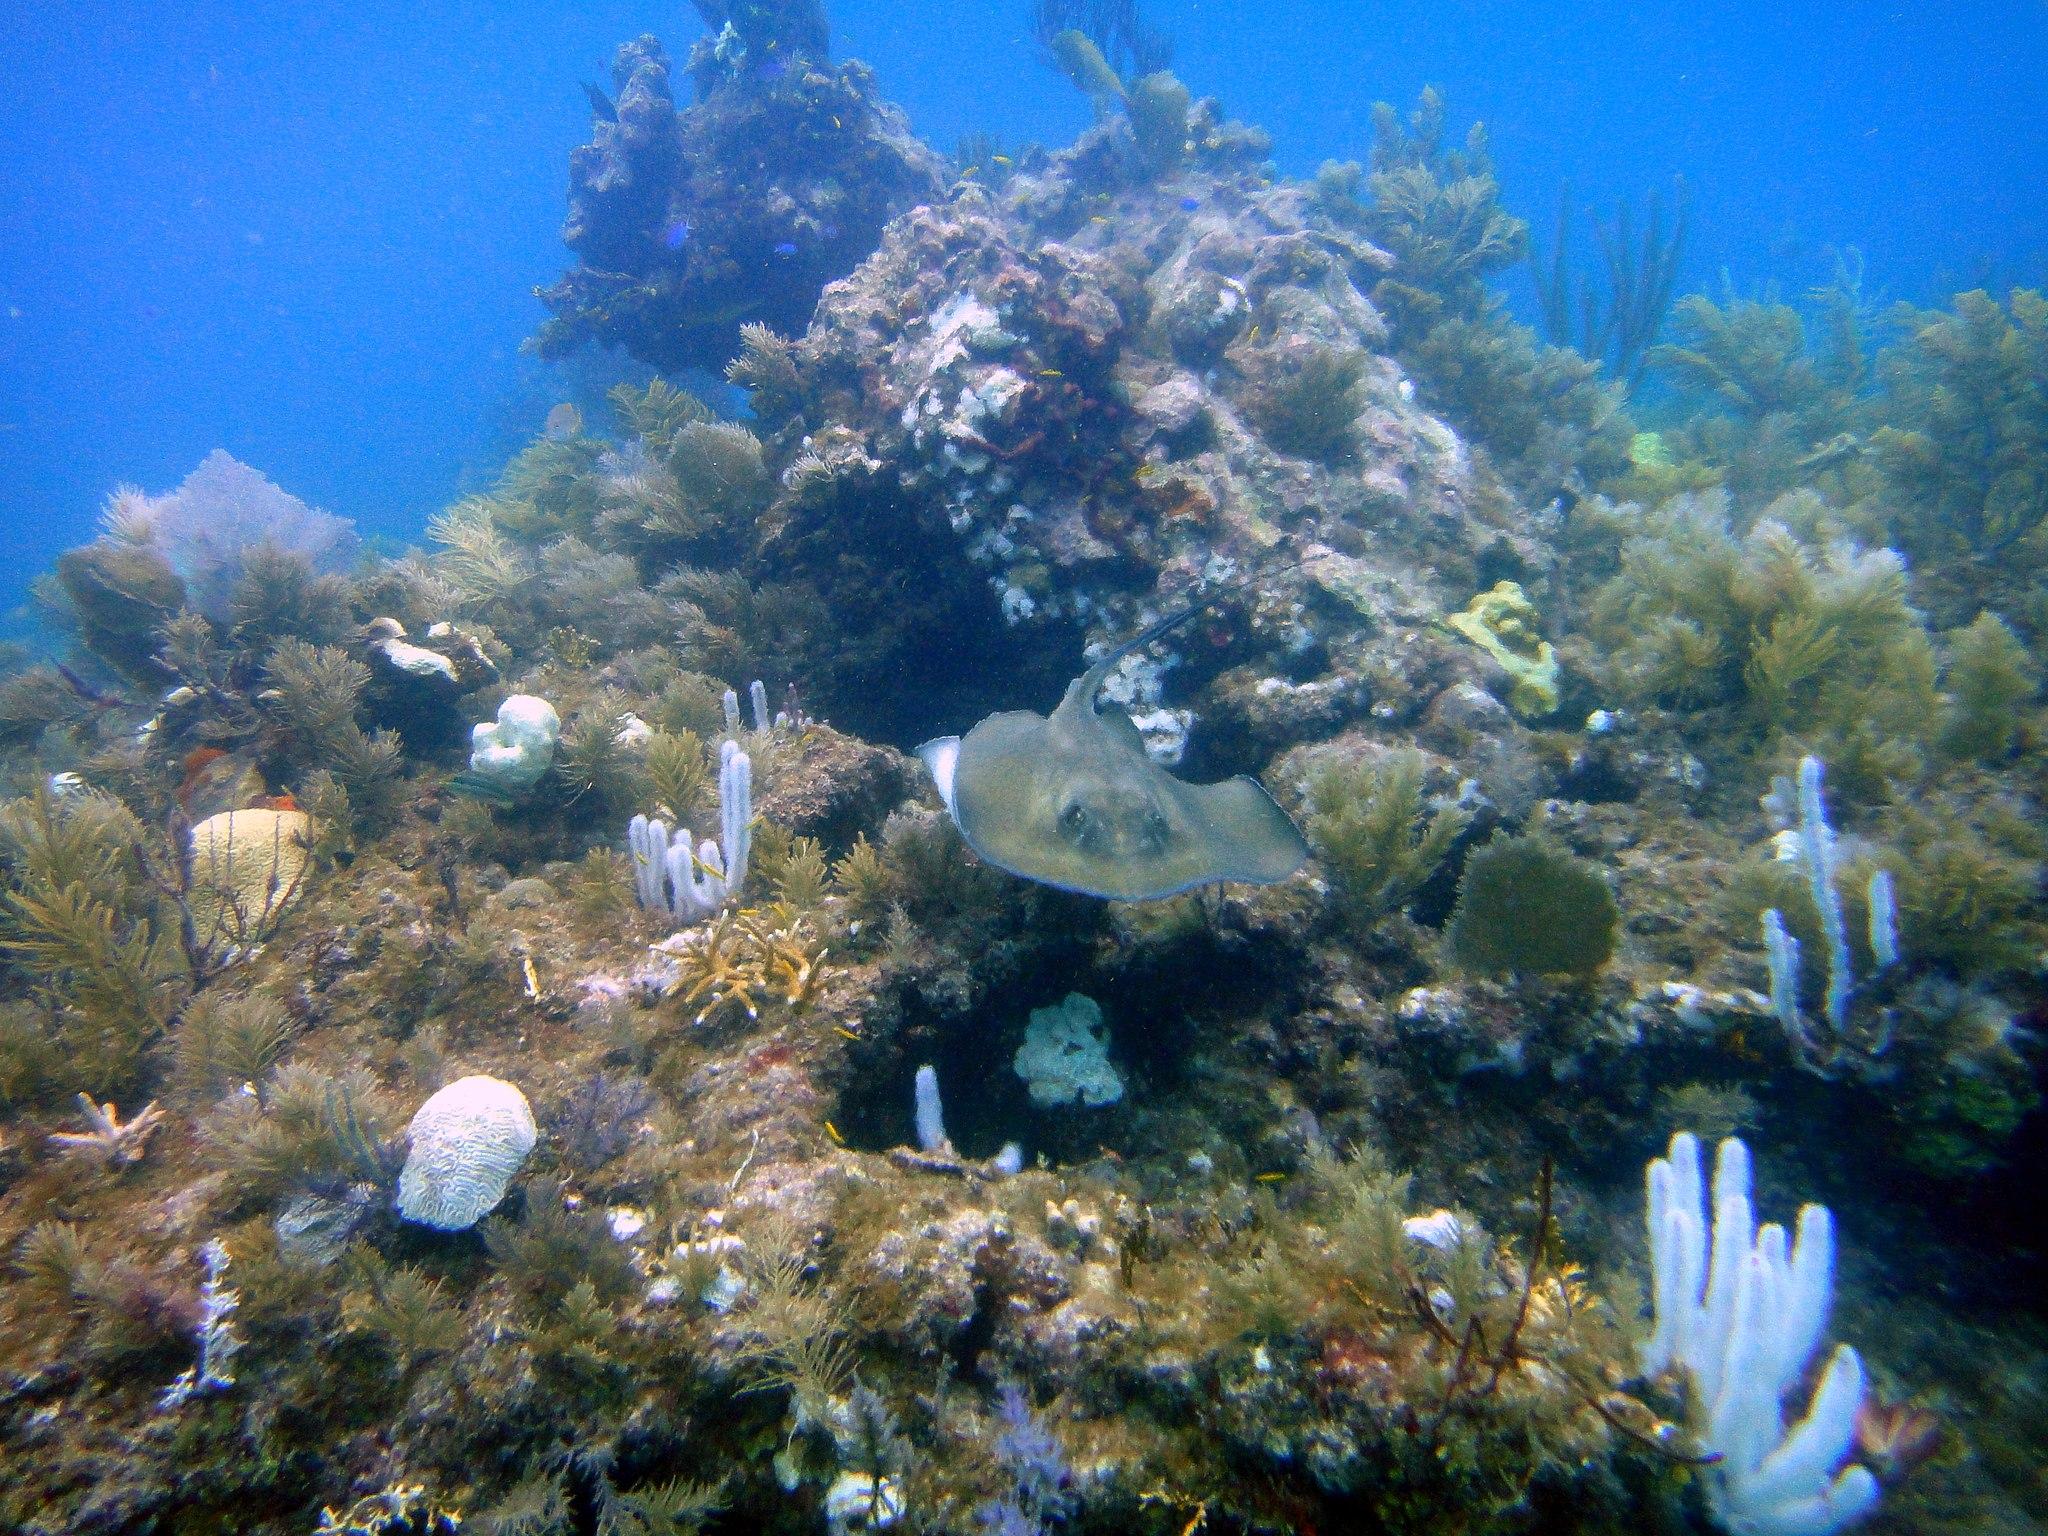 Rochen im French Reef - Key Largo